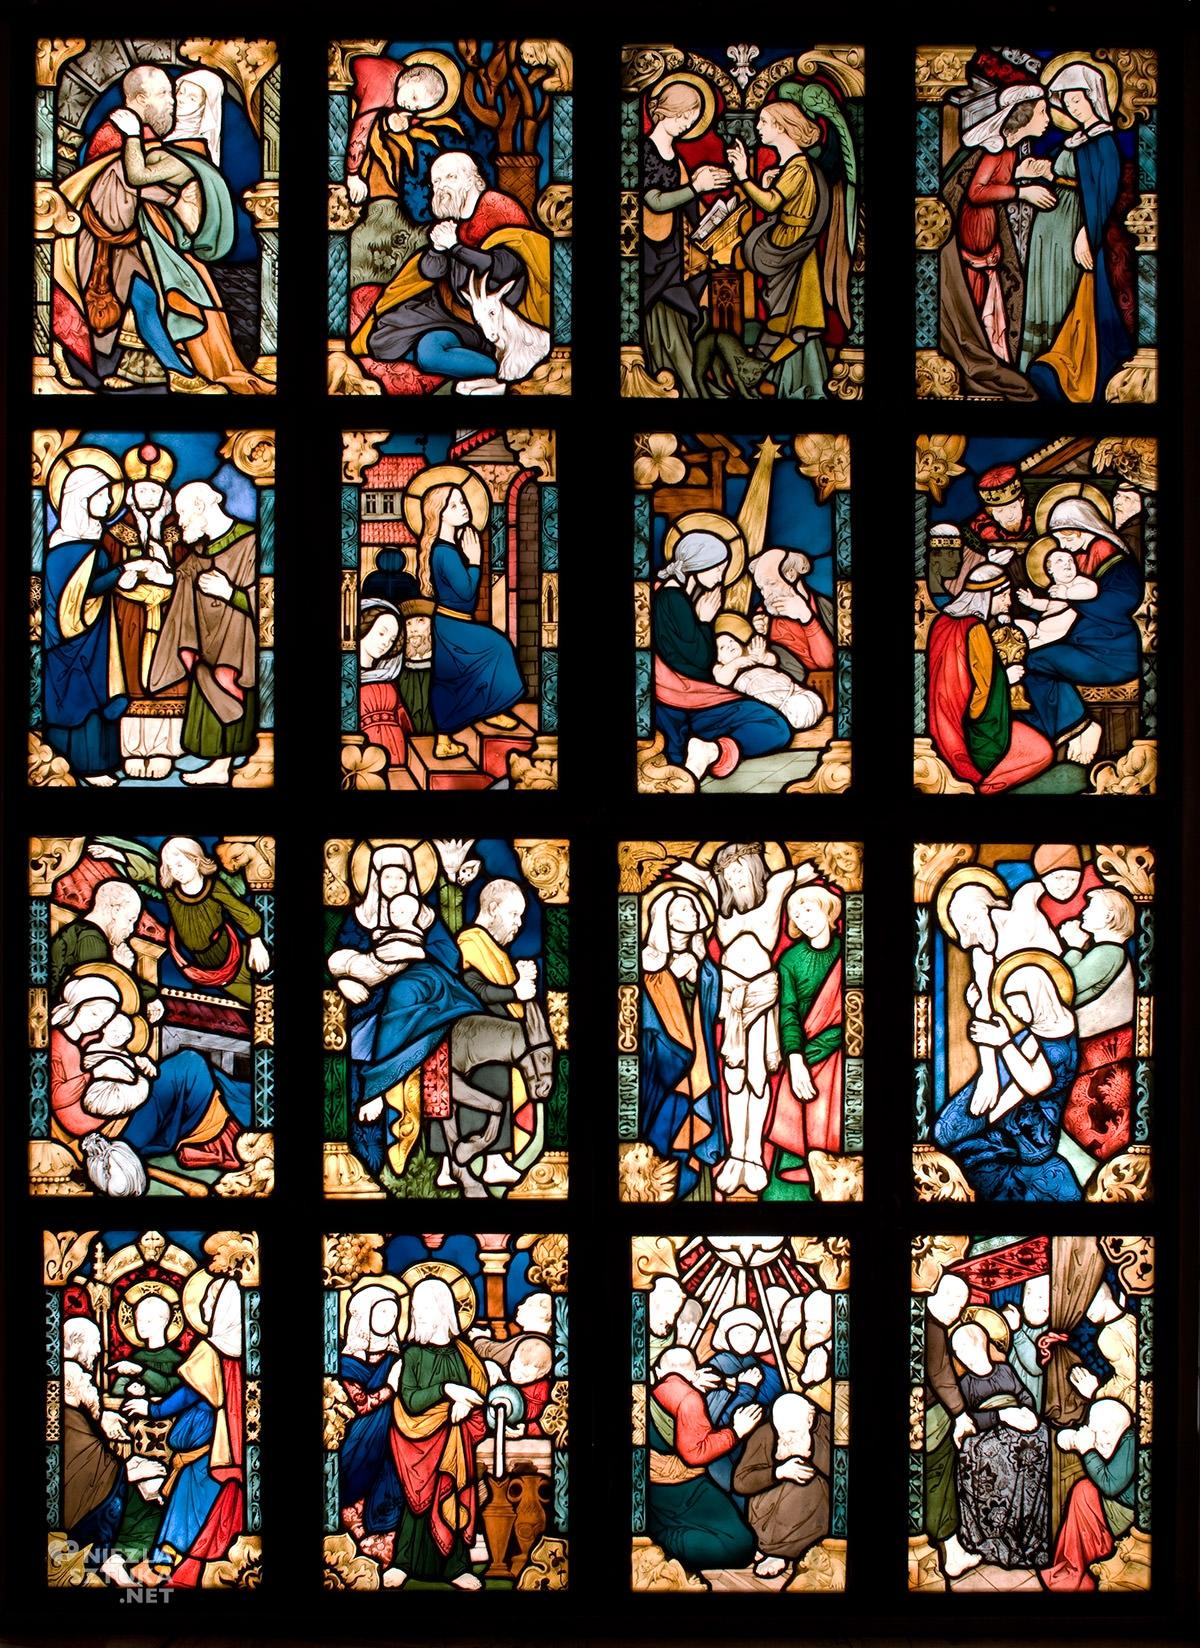 Józef Mehoffer, Stanisław Wyspiański, Sceny z życia Najświętszej Panny Marii, witraż, kościół mariacki, Kraków, Niezła Sztuka